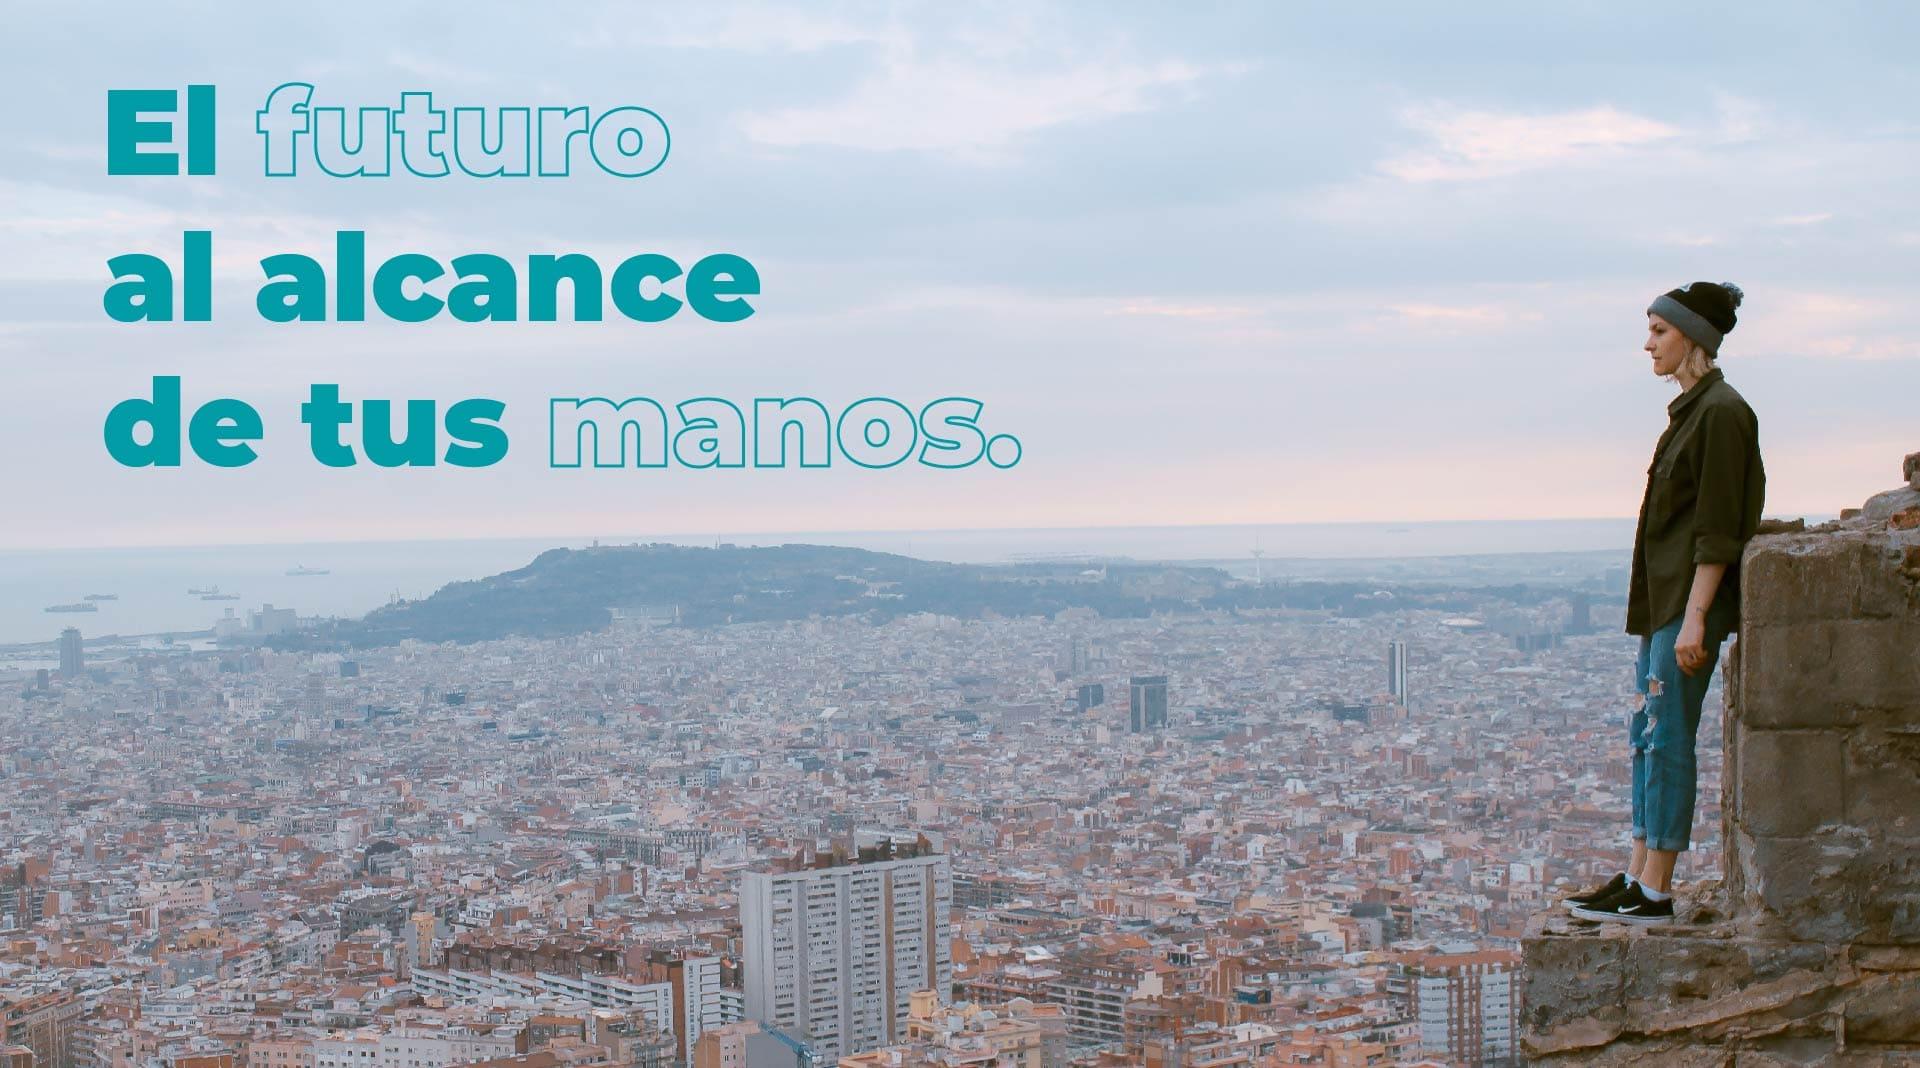 El futuro al alcance de tus manos Practic Barcelona